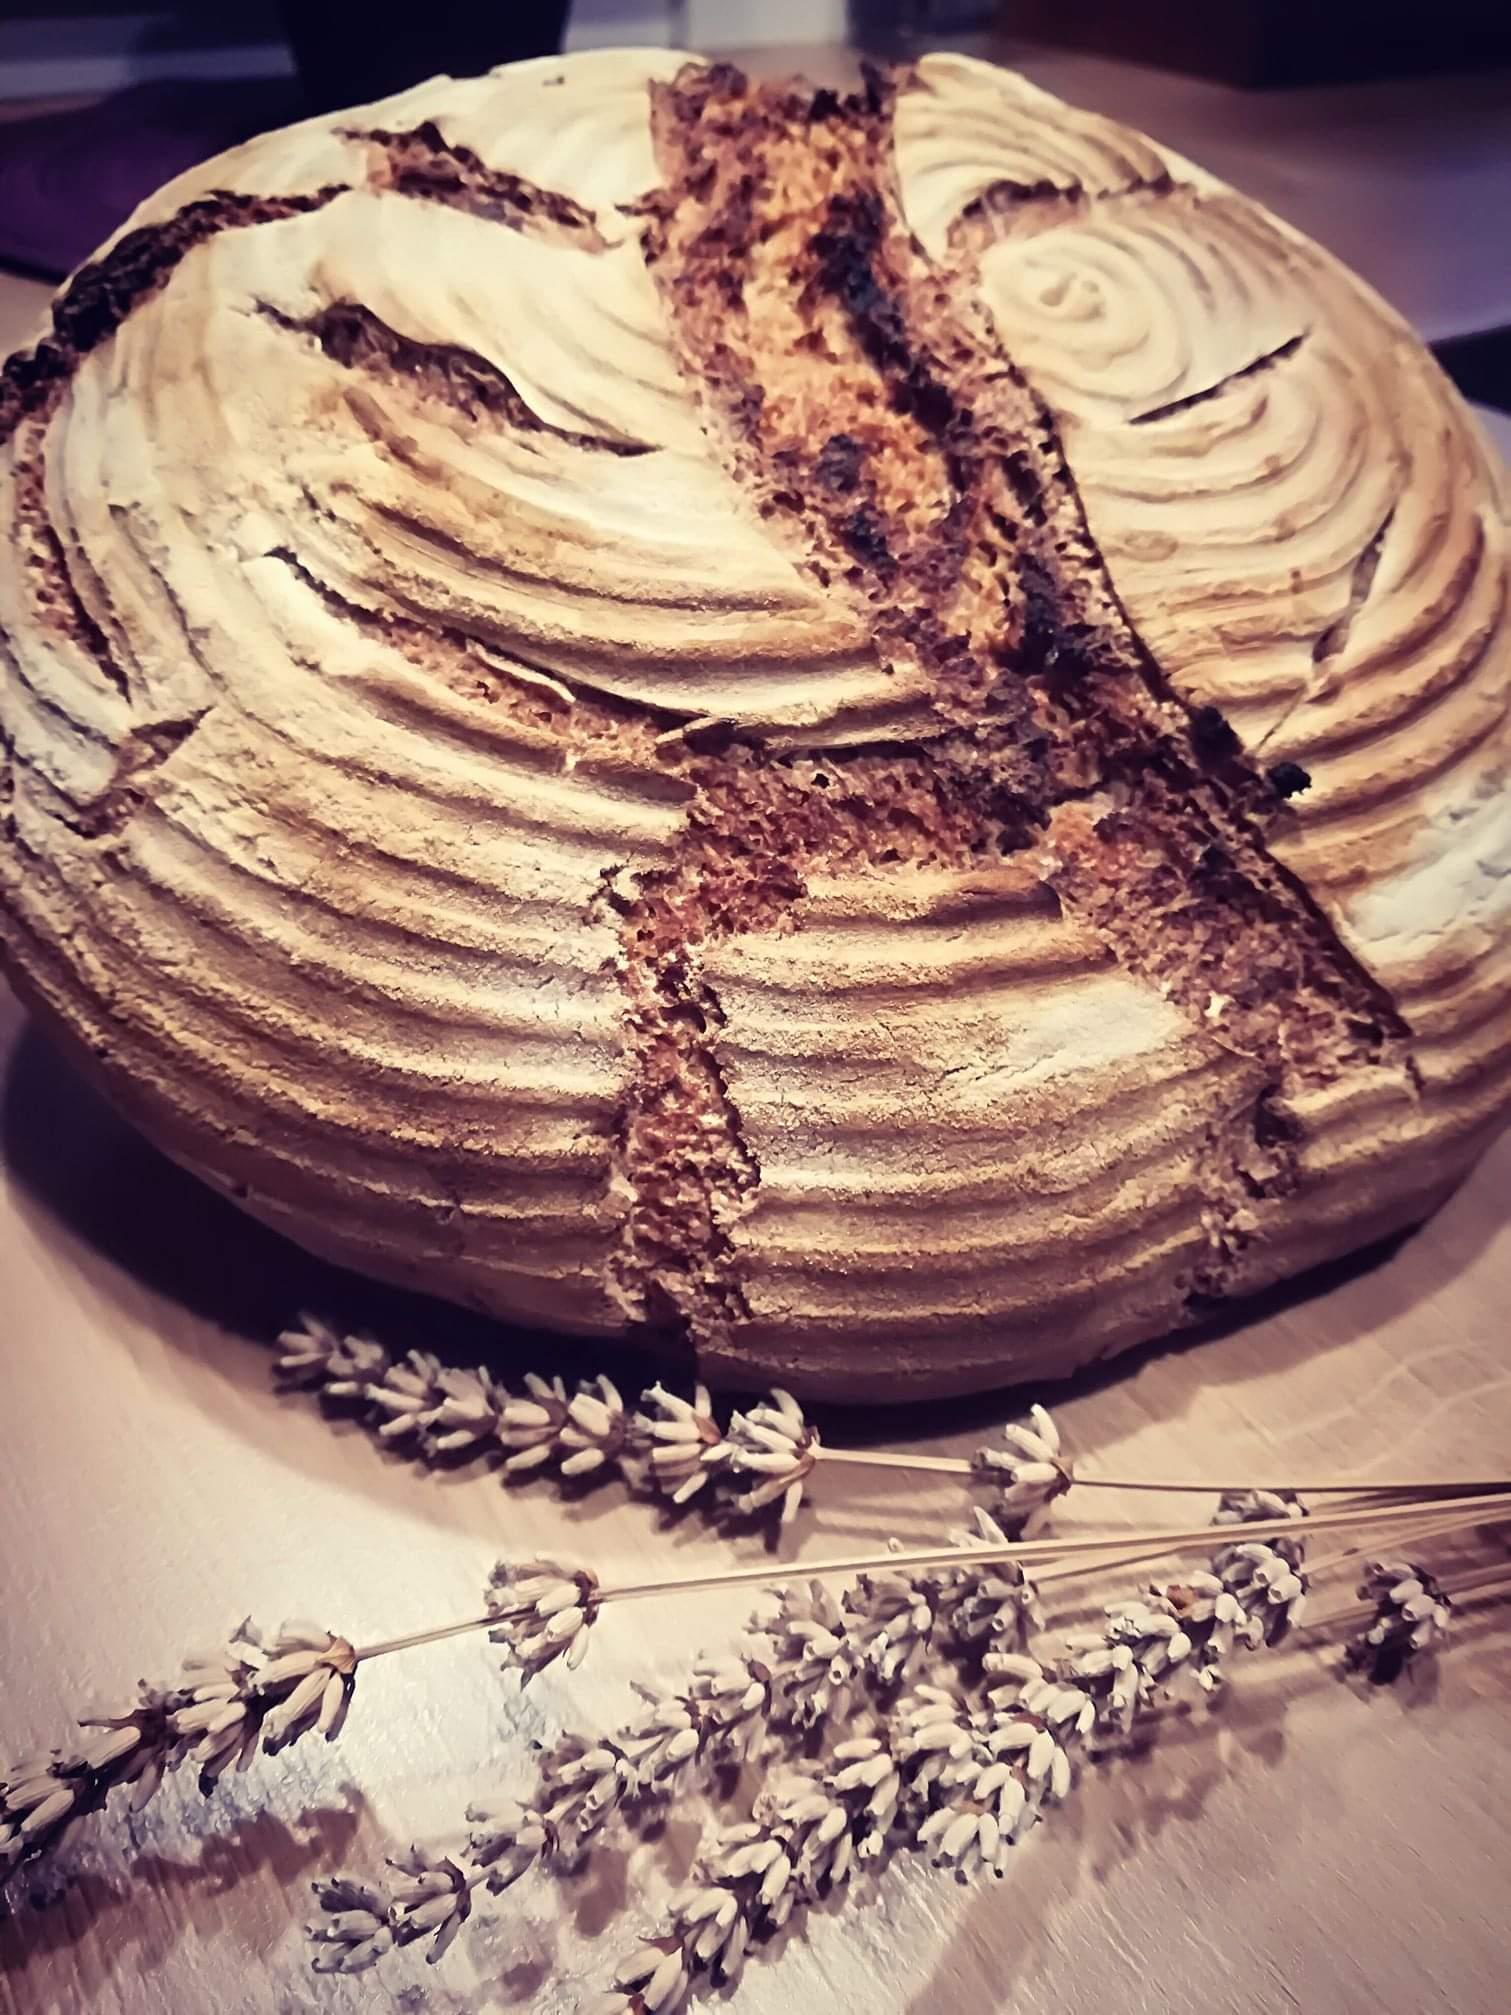 3. Radionica izrade kruha od kiselog tijesta